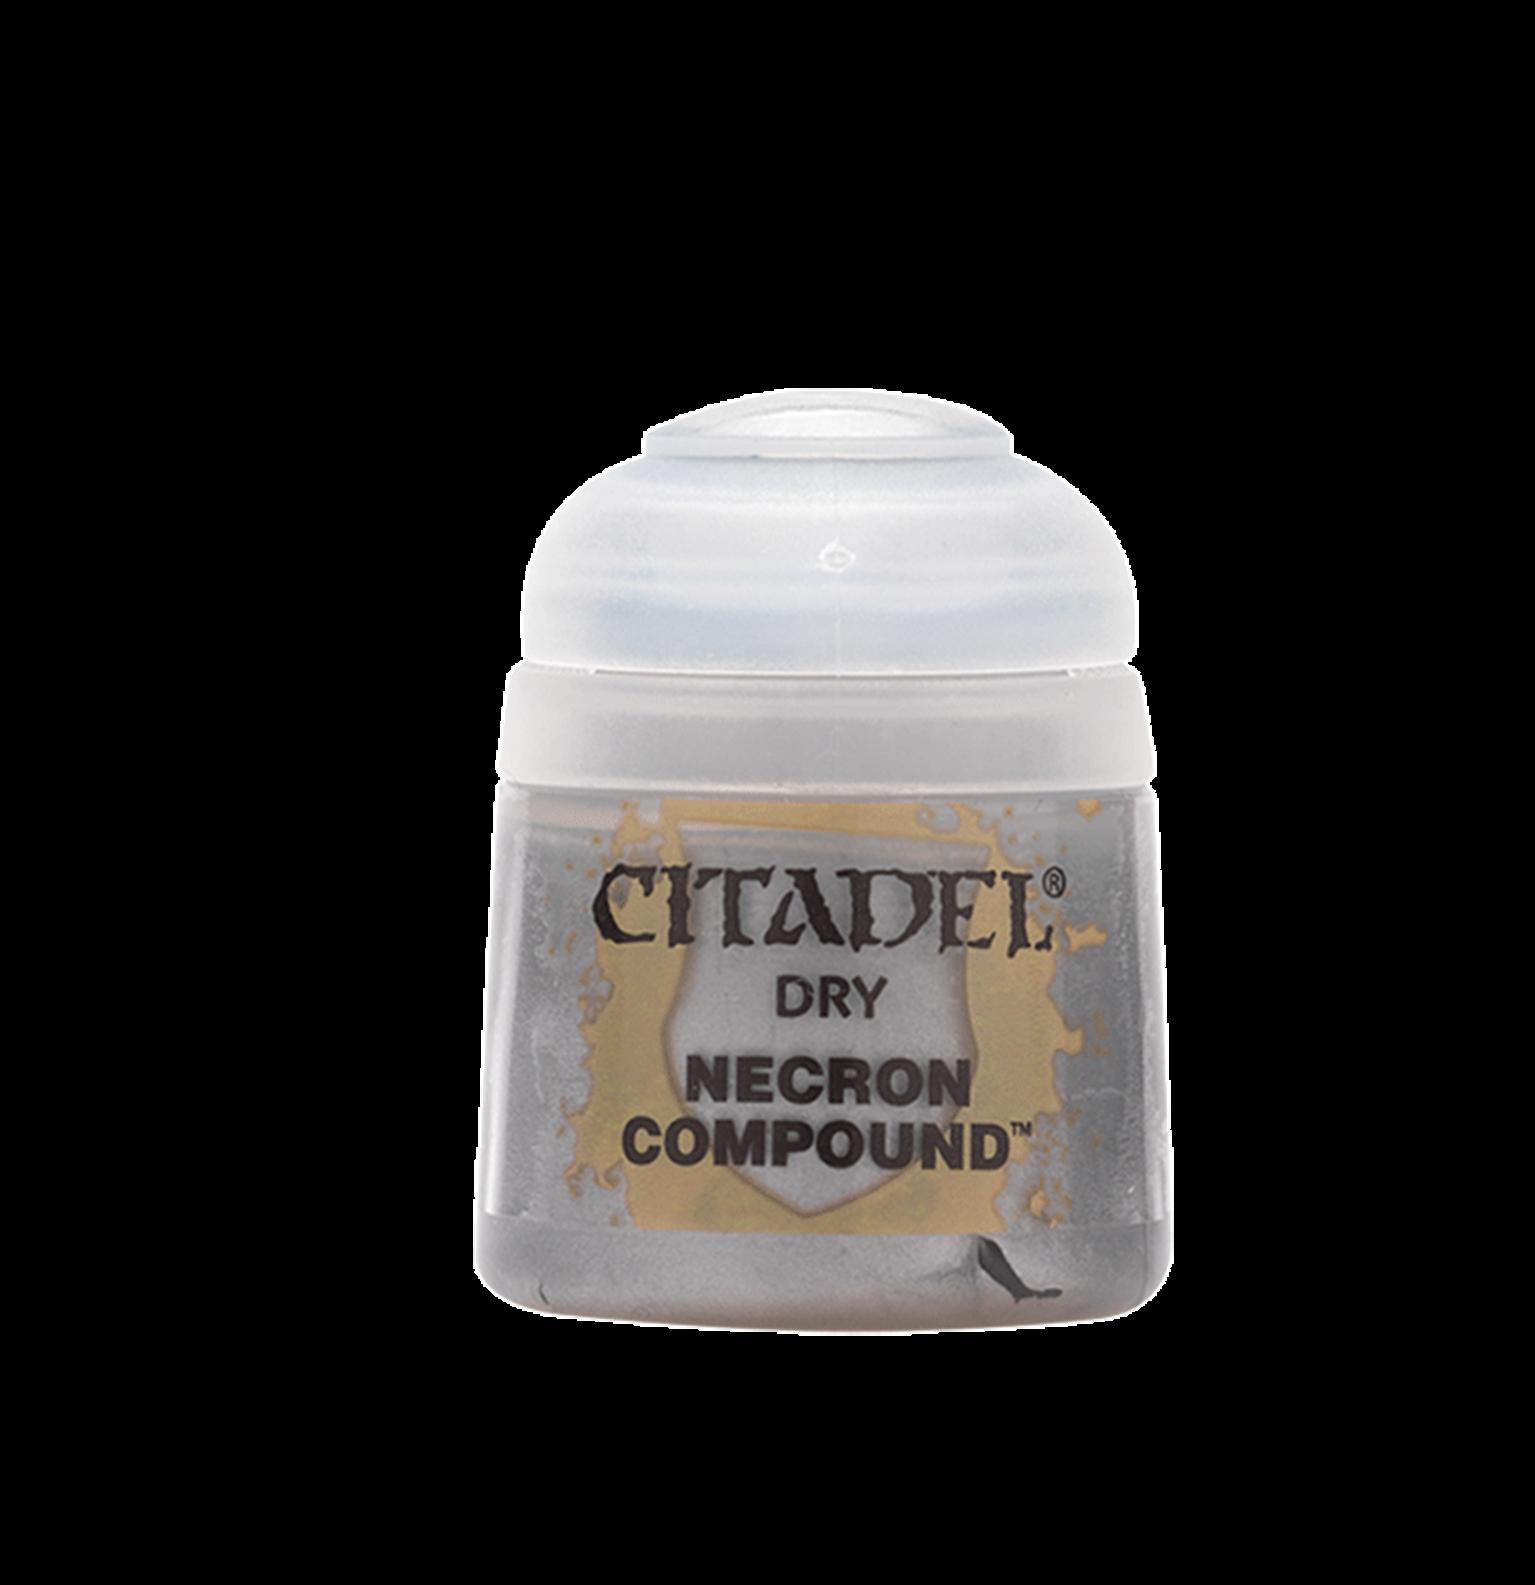 Citadel Dry Necron Compound Paint Pot